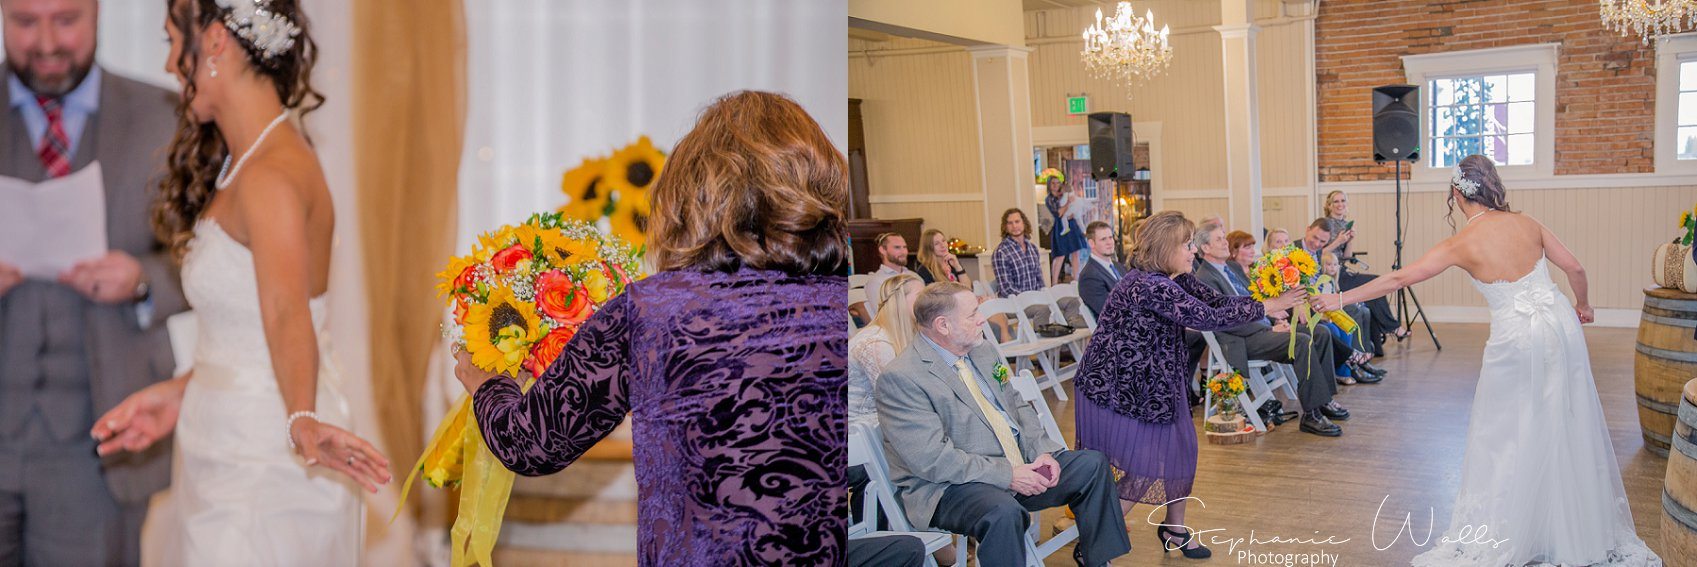 Ceremony 097 KK & Zack   Hollywood Schoolhouse Wedding   Woodinville, Wa Wedding Photographer